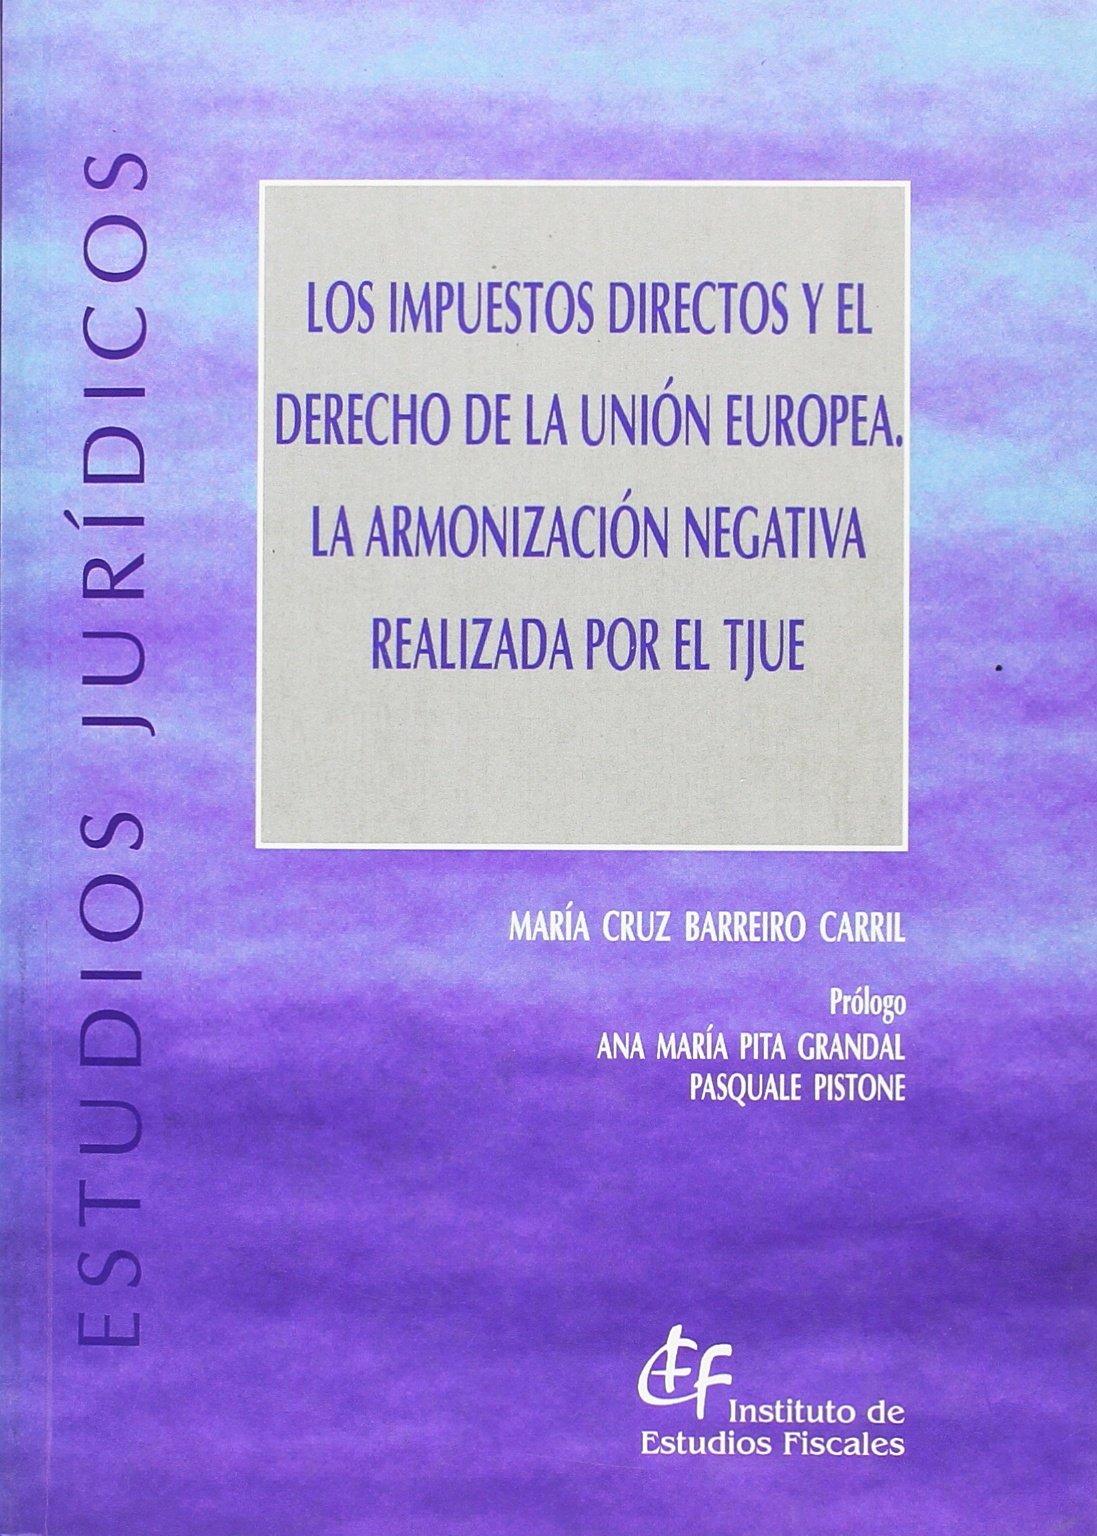 Los impuestos directos y el Derecho de la Unión Europea. La armonización negativa realizada por el TJUE: Amazon.es: Barreiro Carril, María Cruz: Libros